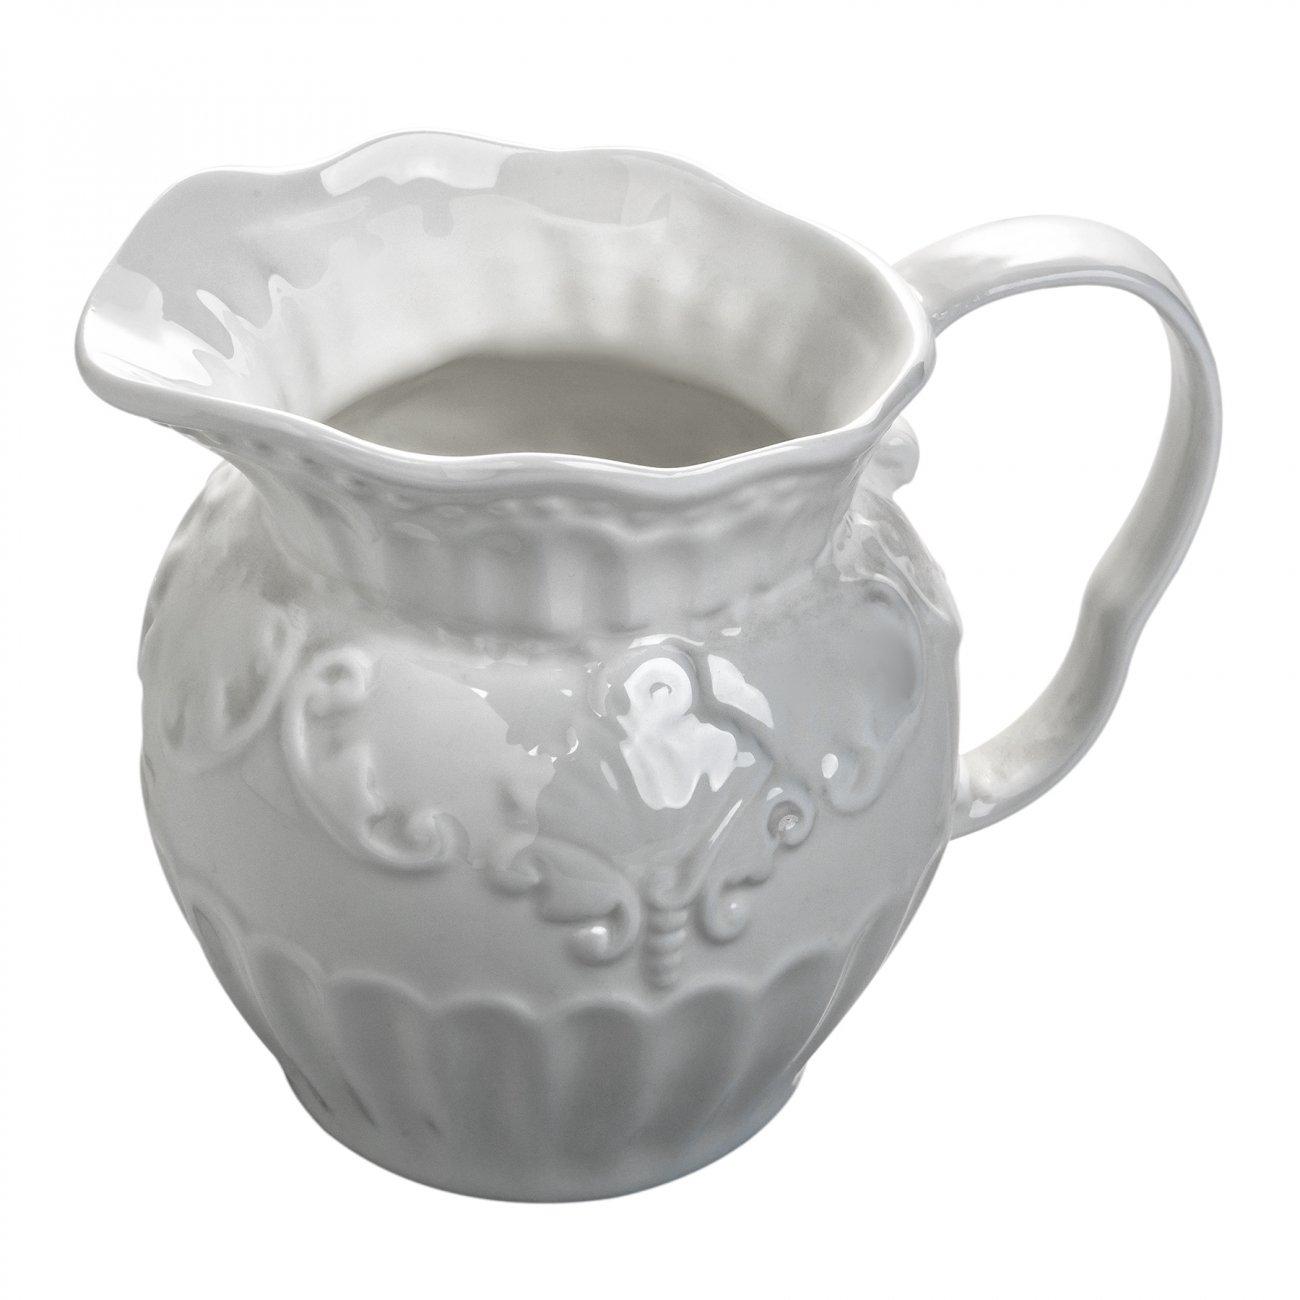 Купить Молочник Белоснежный в интернет магазине дизайнерской мебели и аксессуаров для дома и дачи